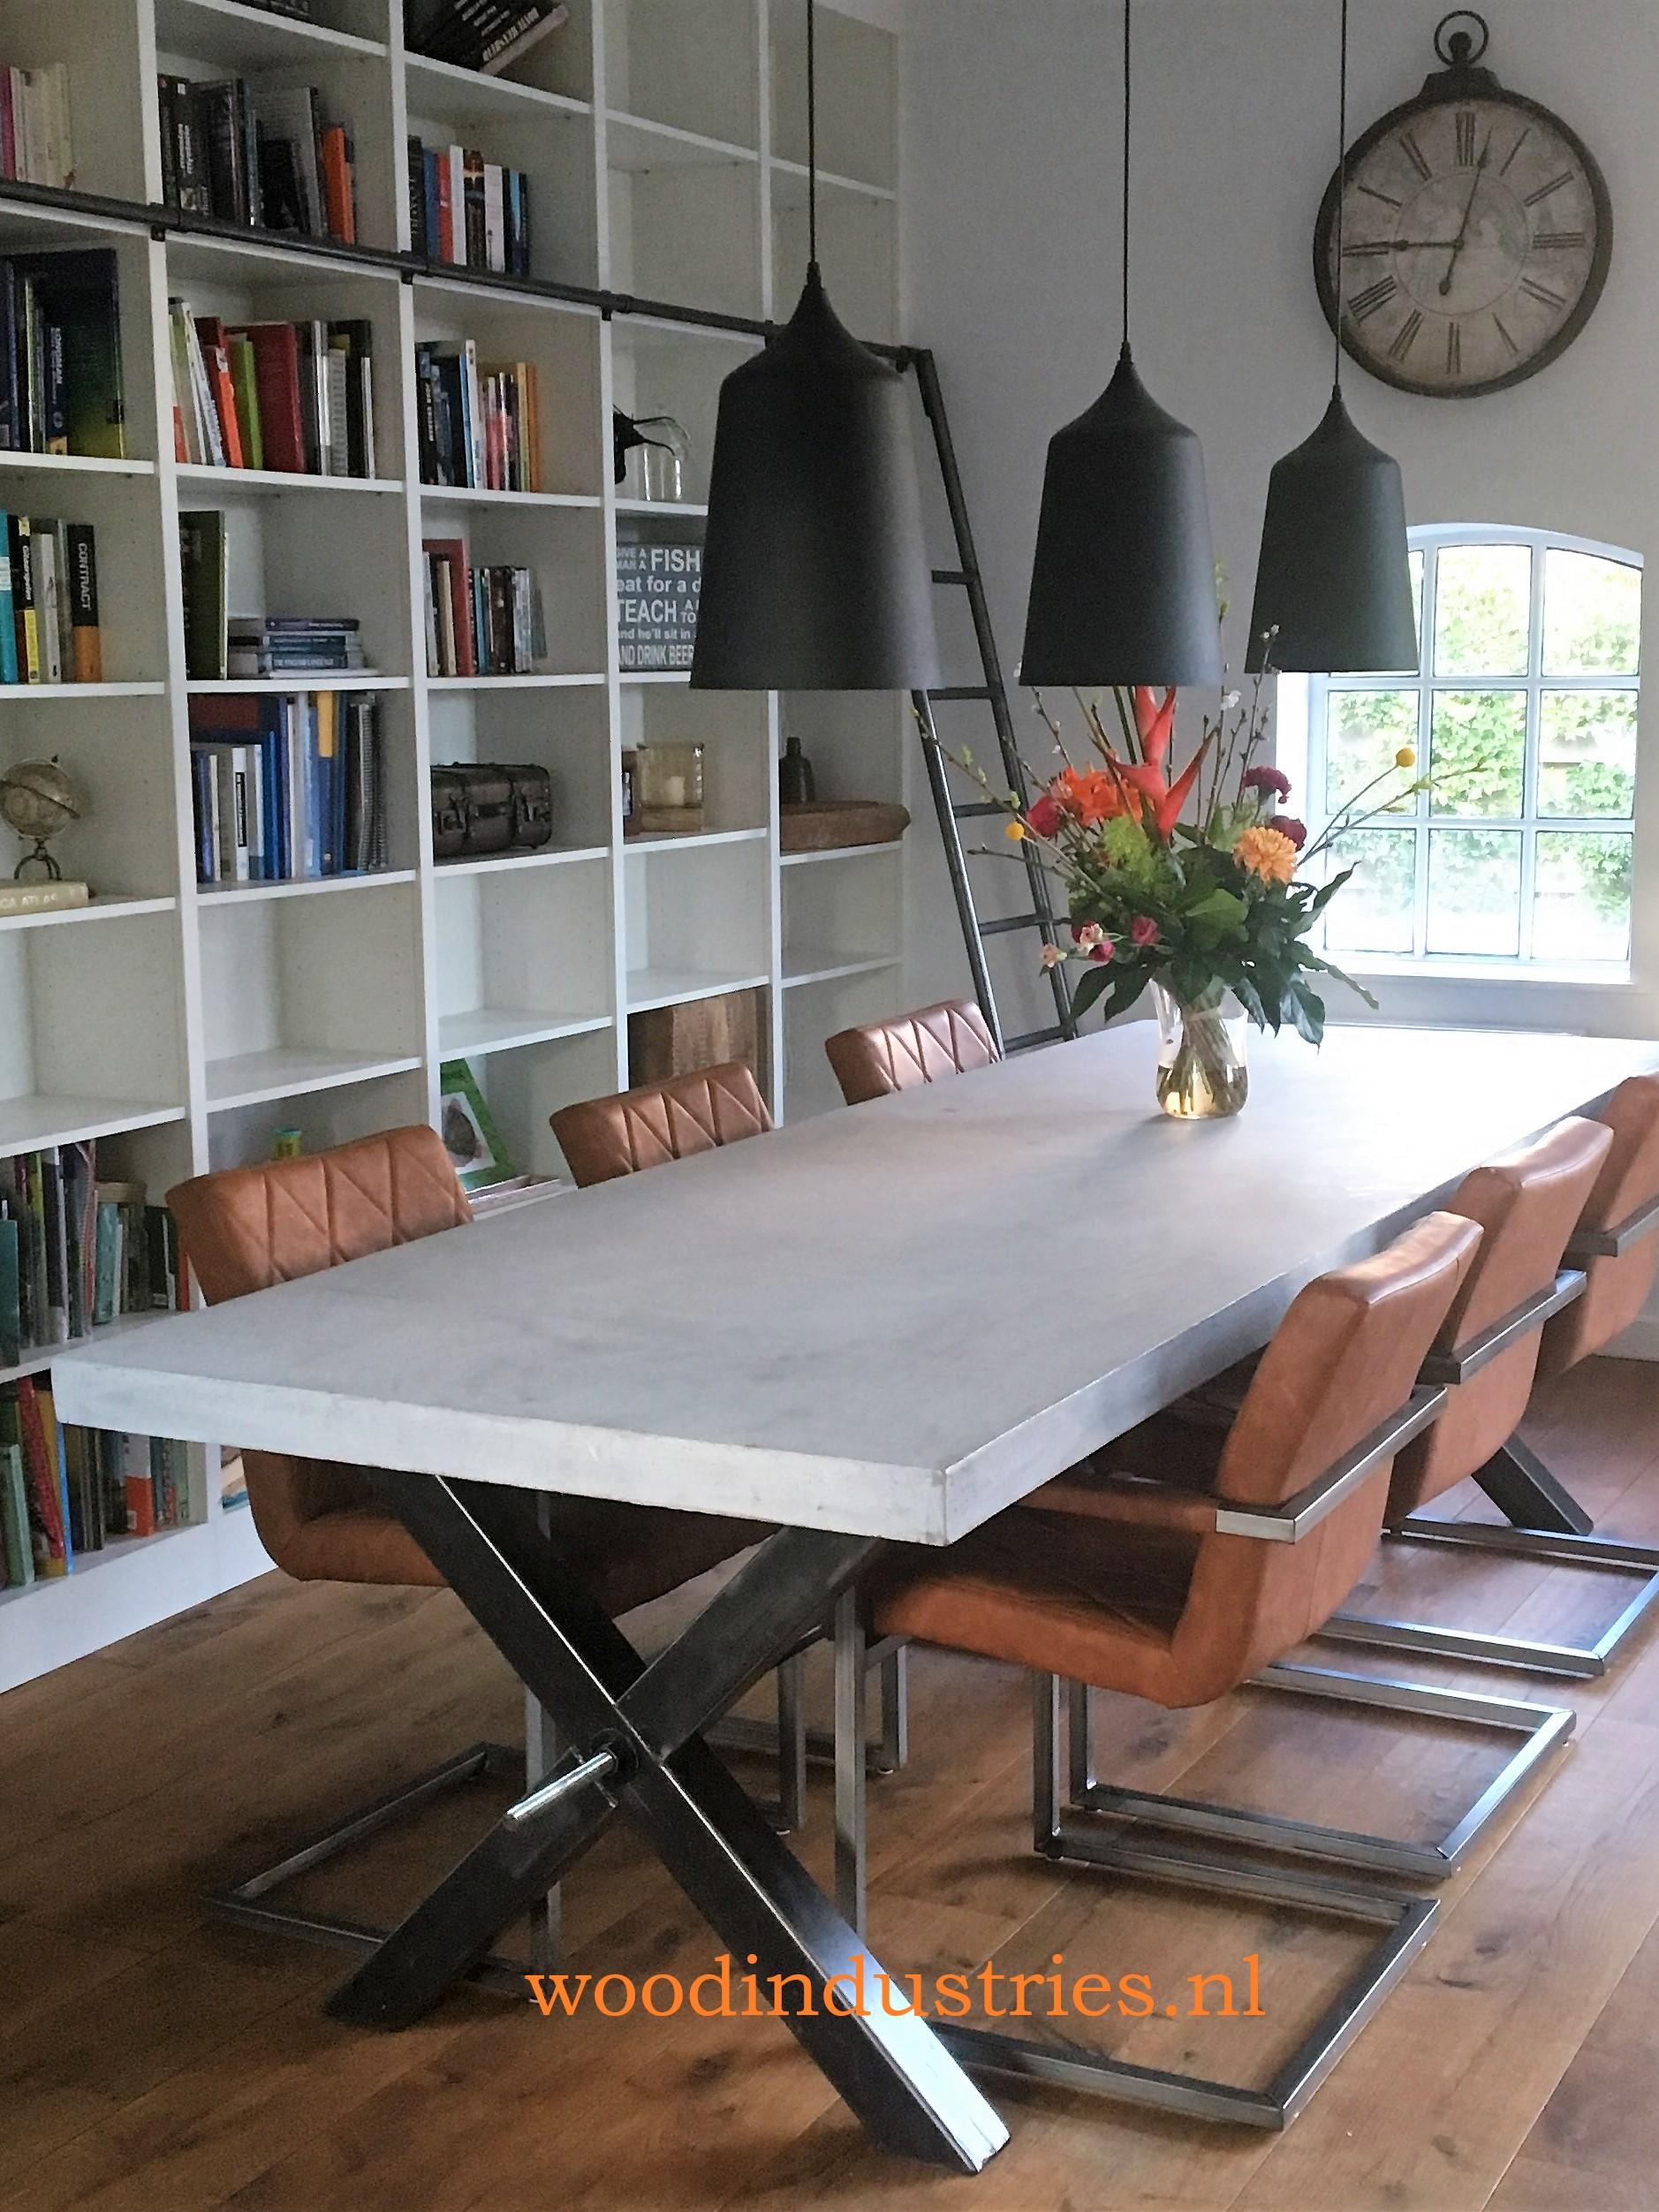 Robuuste betonnen tafel op maat | Woodindustries